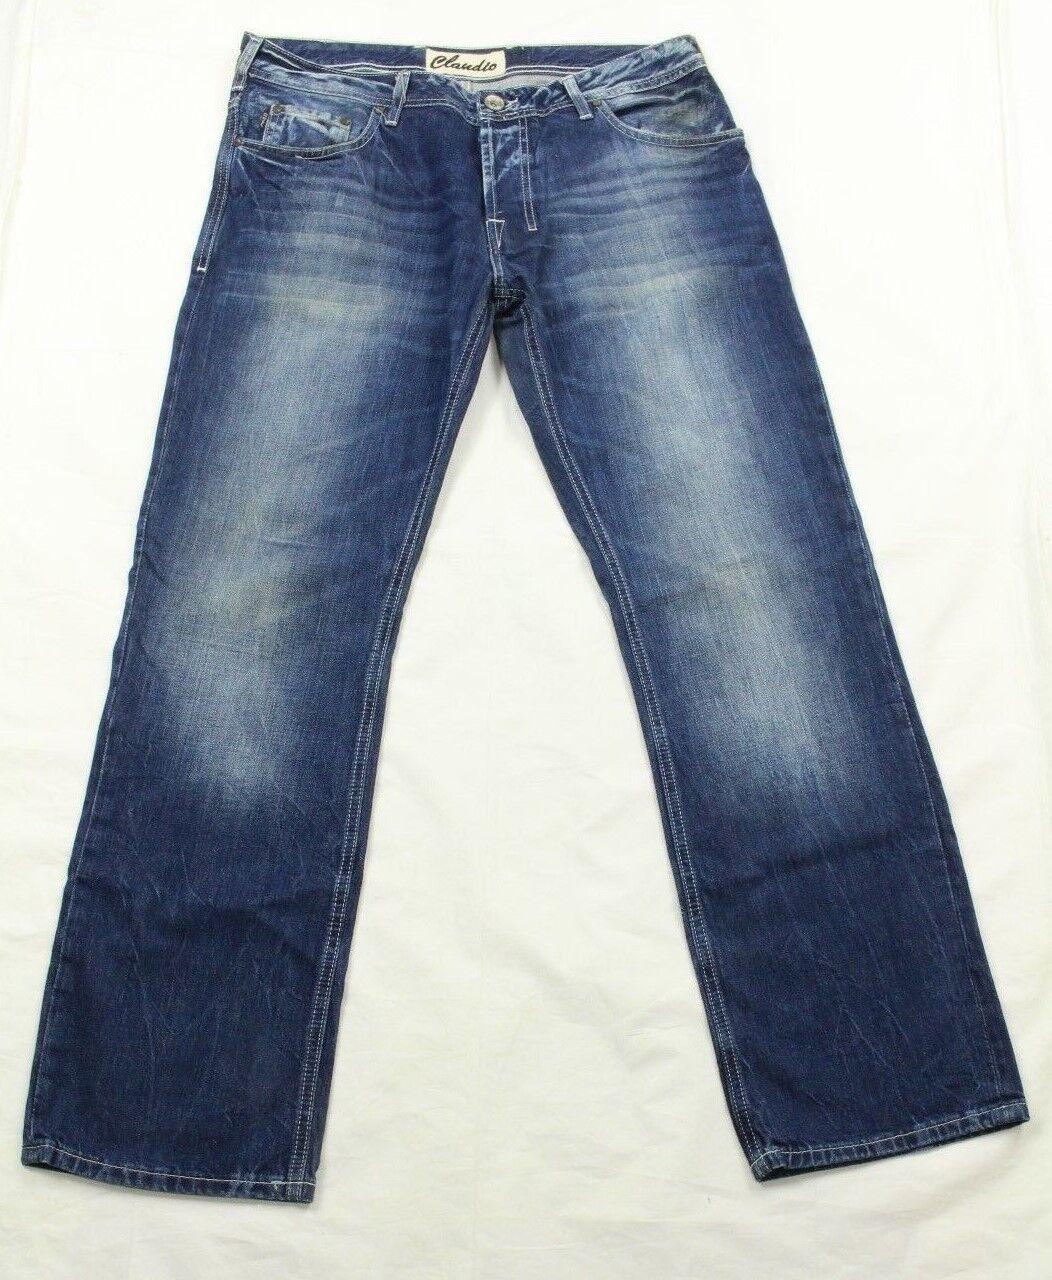 Claudio Milano Herren Jeans Geknöpfter Hosenschlitz Gerades Bein Größe 36X32  | Stilvoll und lustig